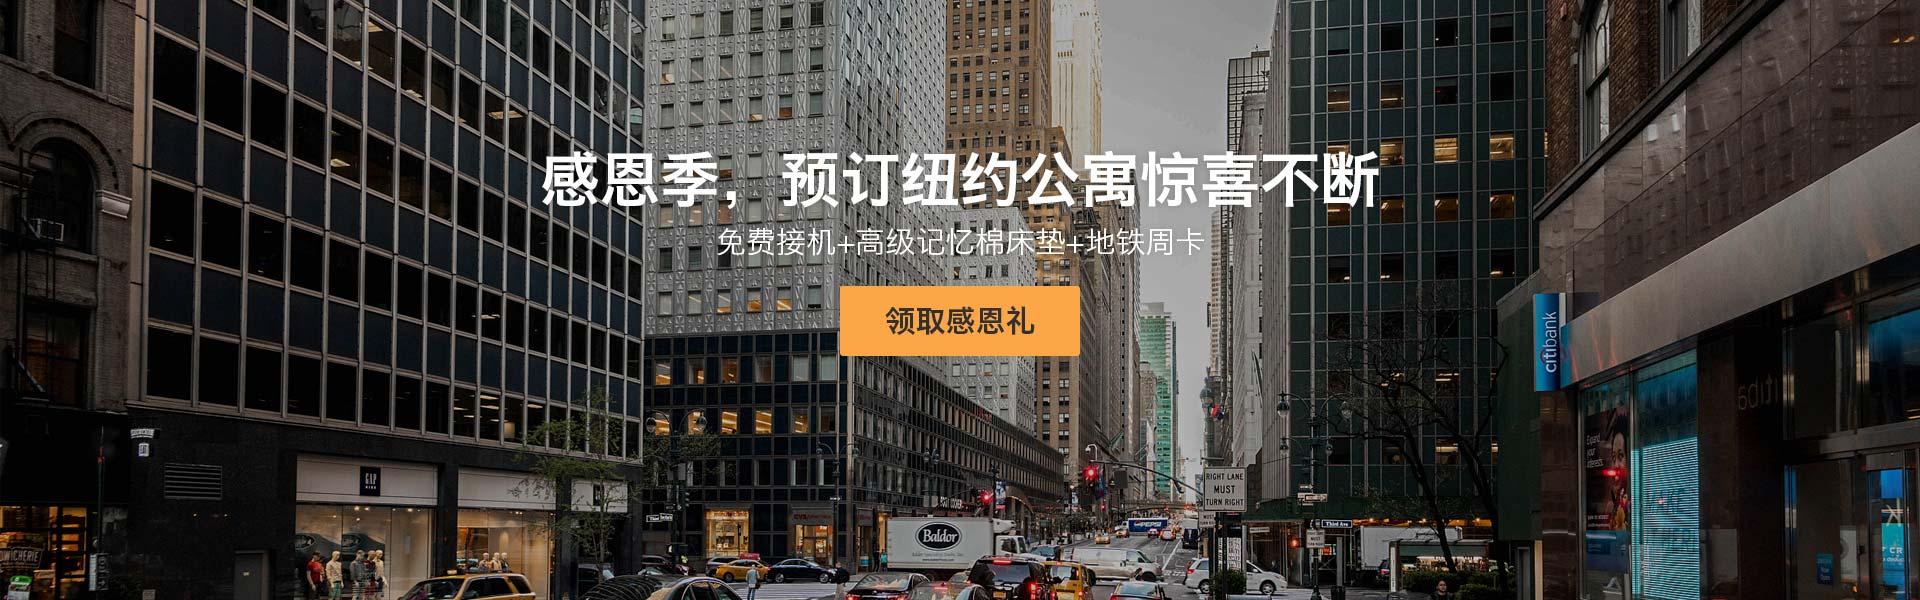 感恩季,预订纽约公寓惊喜不断